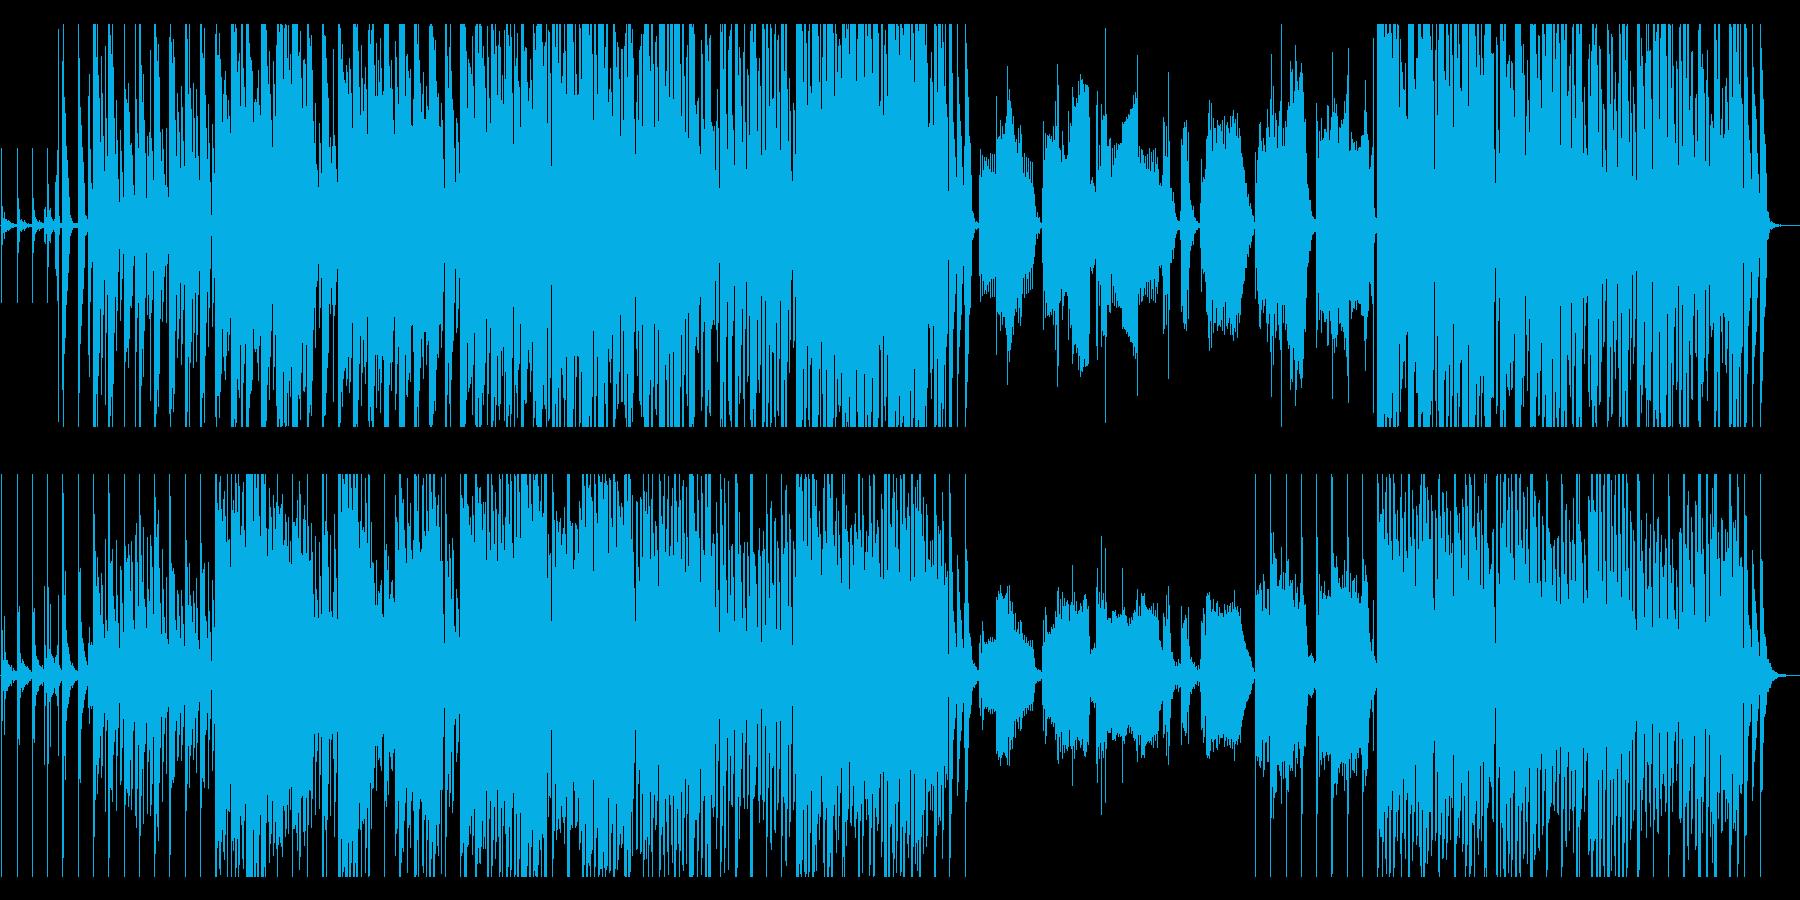 笛と太鼓の和風な曲の再生済みの波形